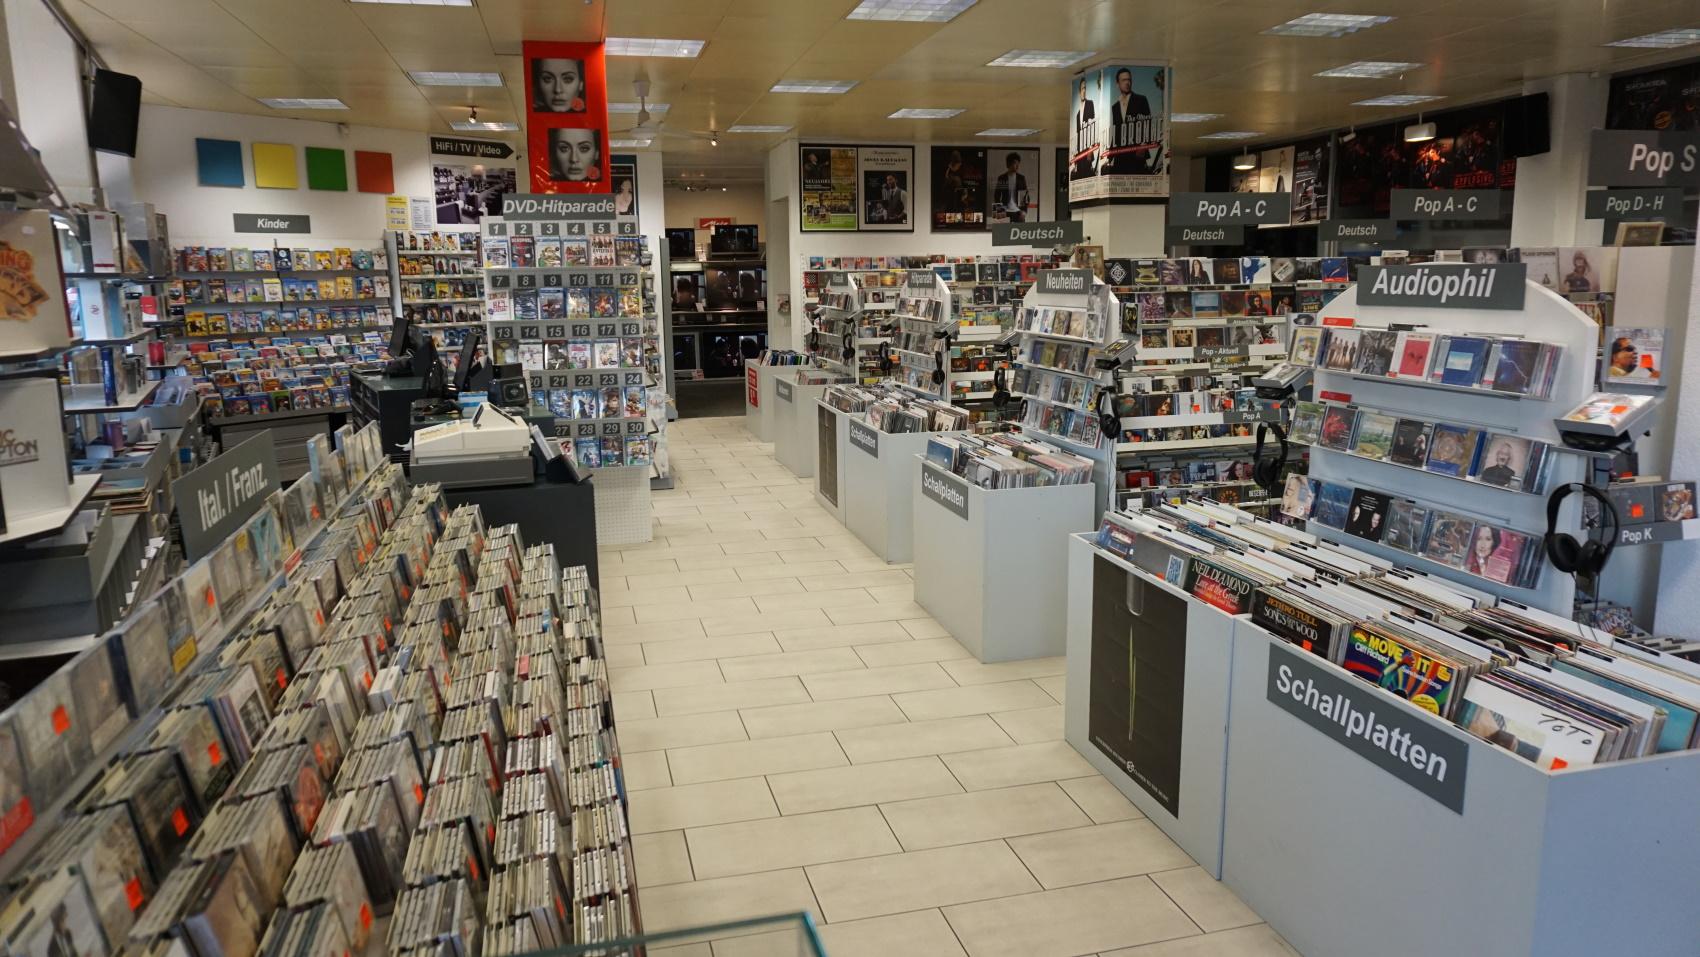 CD, DVD, Vinyl